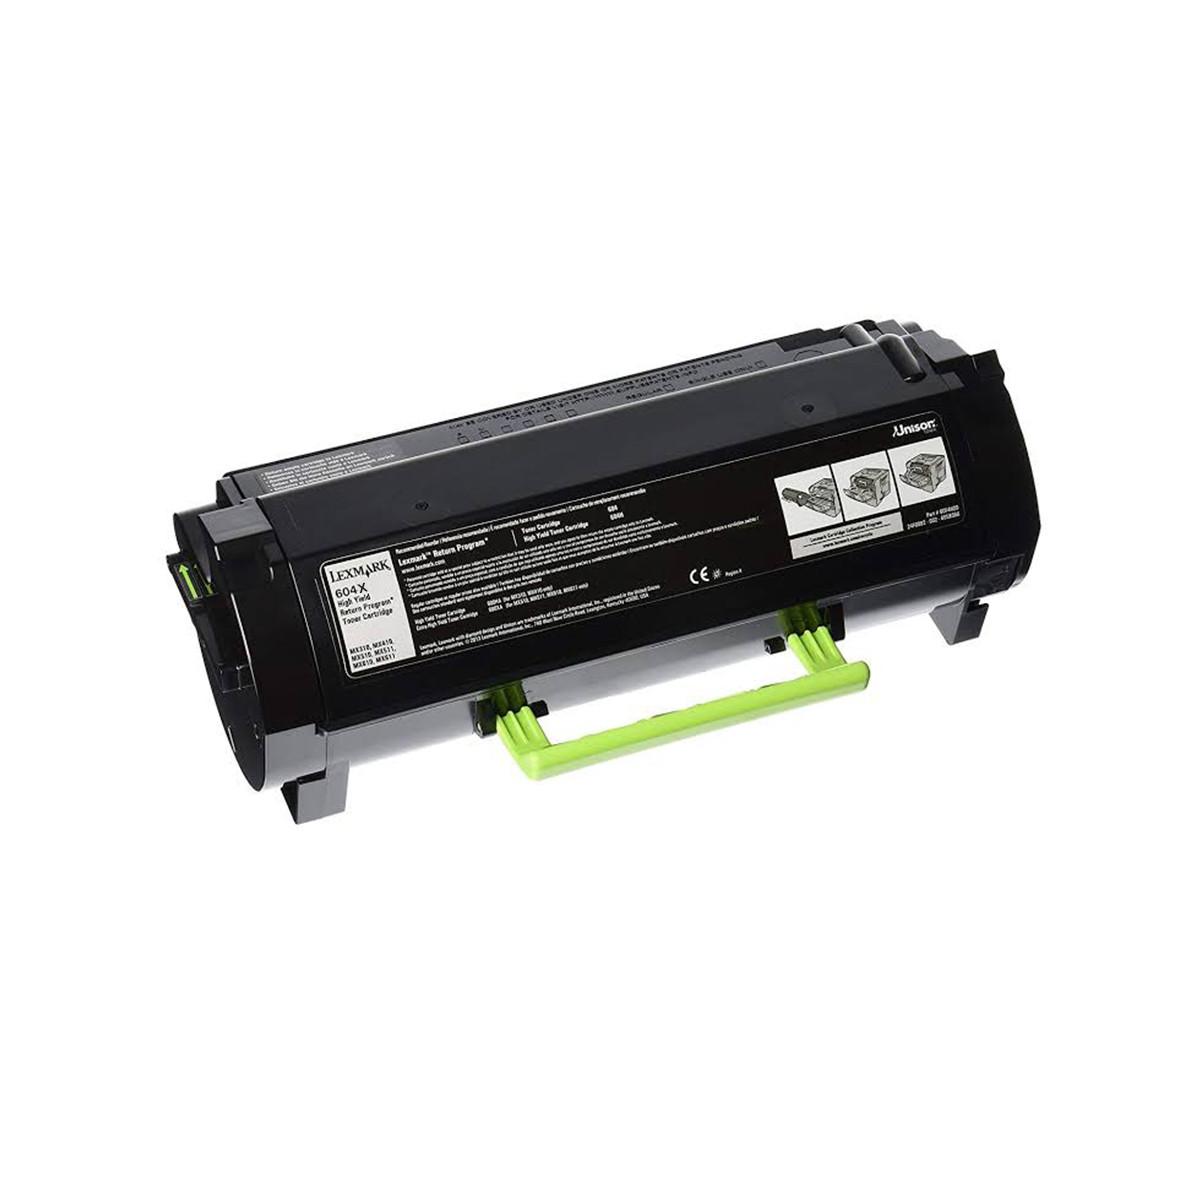 Toner Compatível com Lexmark 604X 60FBX00   MX510 MX511 MX610 MX611   Katun Select 20k